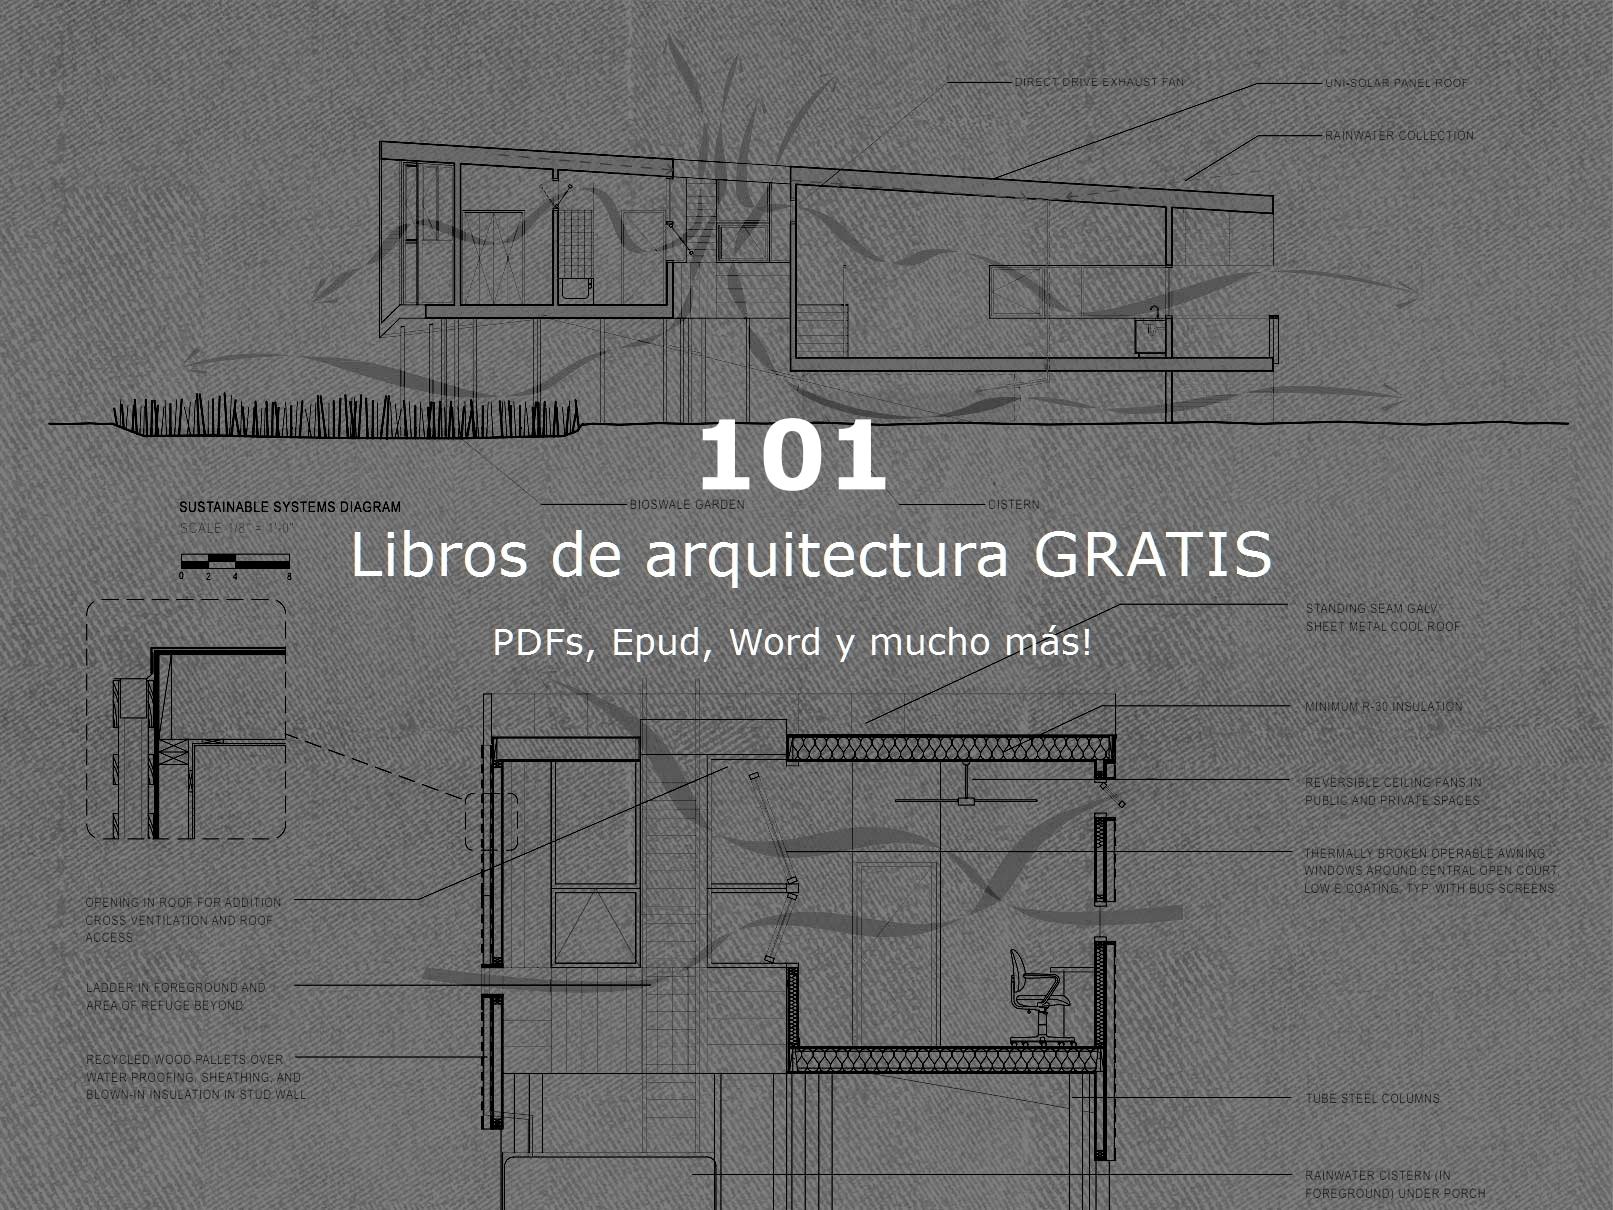 101 Libros De Arquitectura Gratis Para Descargar En Espa Ol